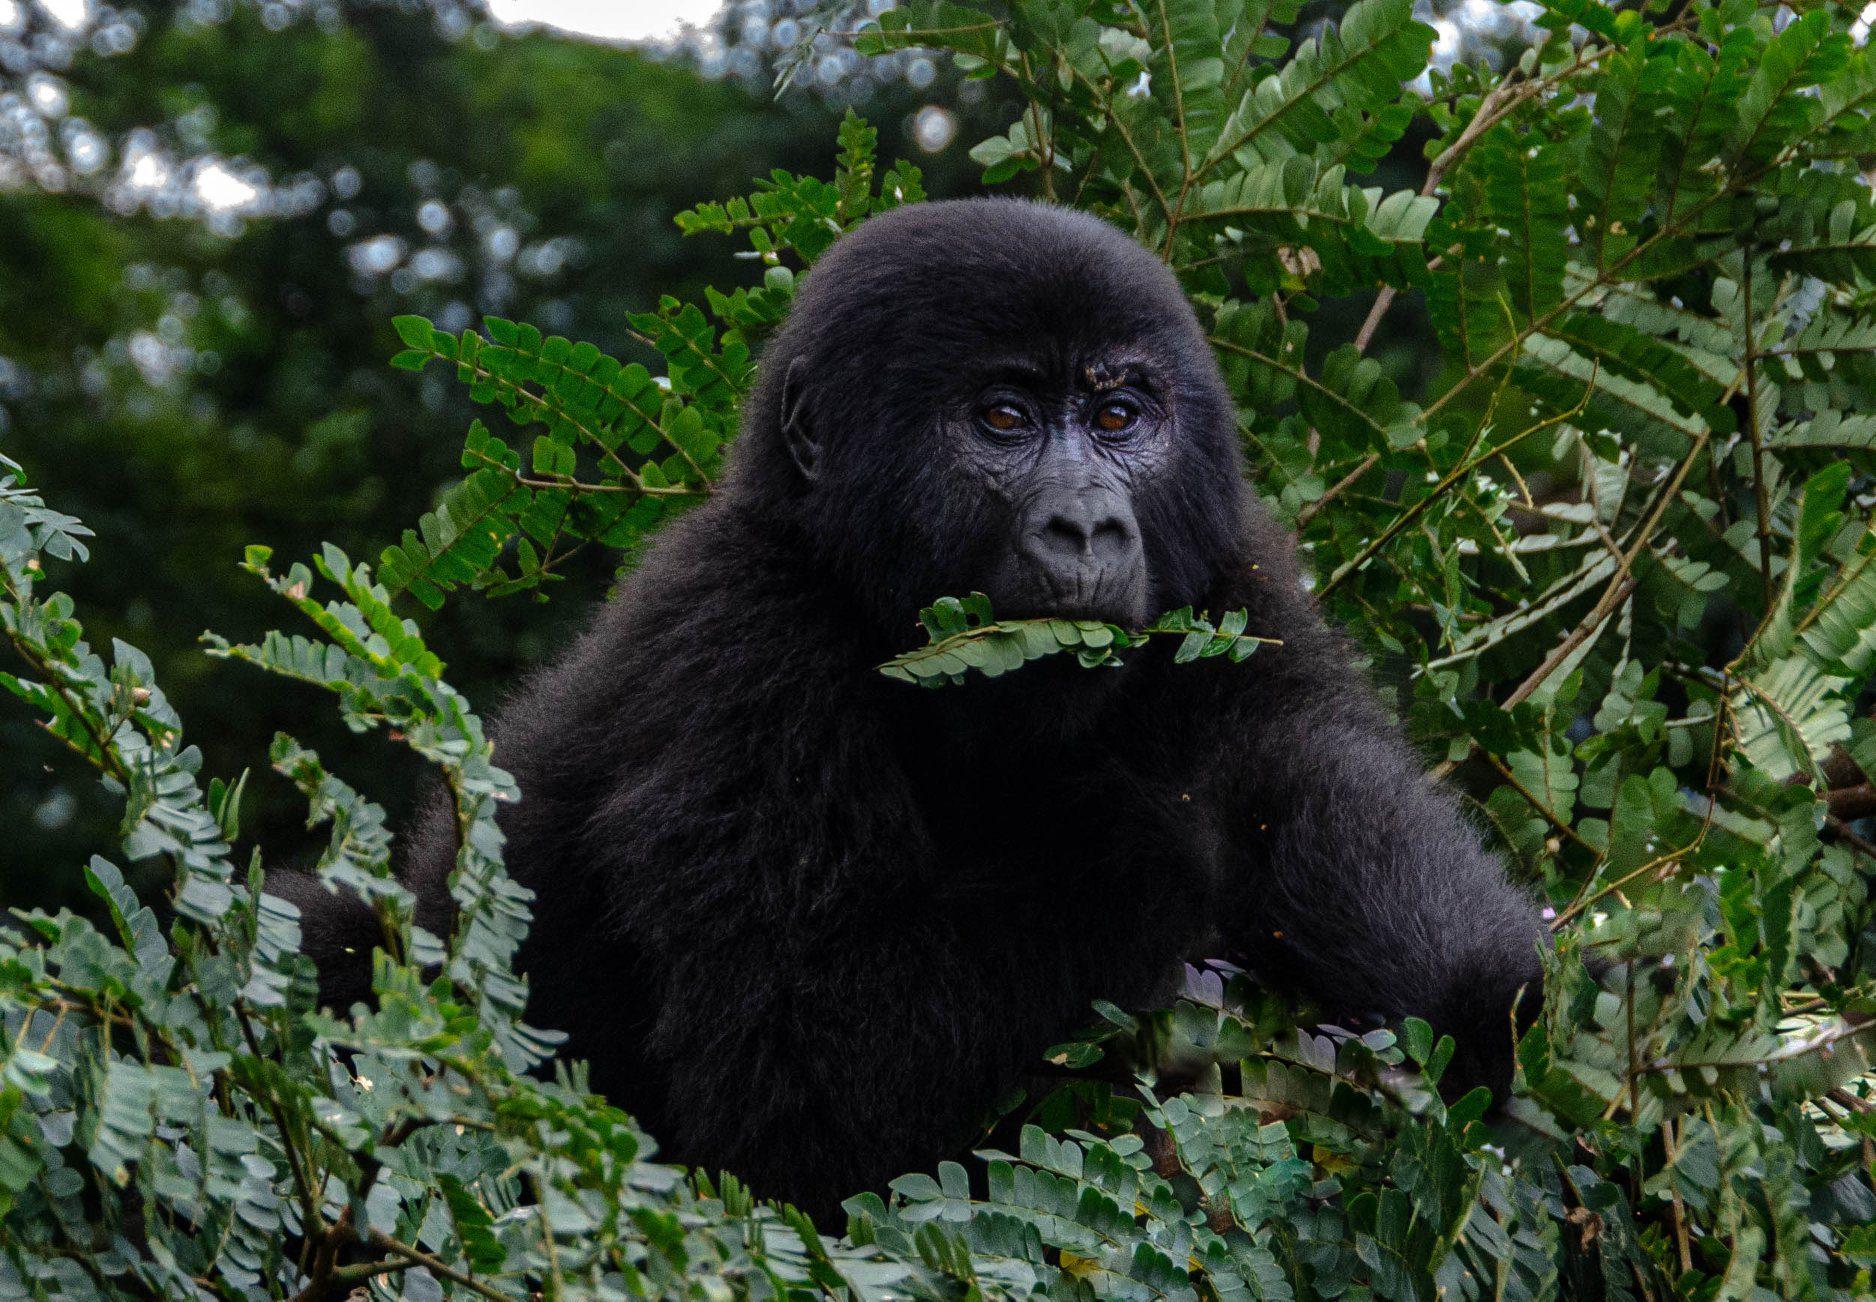 1Day Gorilla Tracking Bwindi Impenetrable Forest National Park Uganda